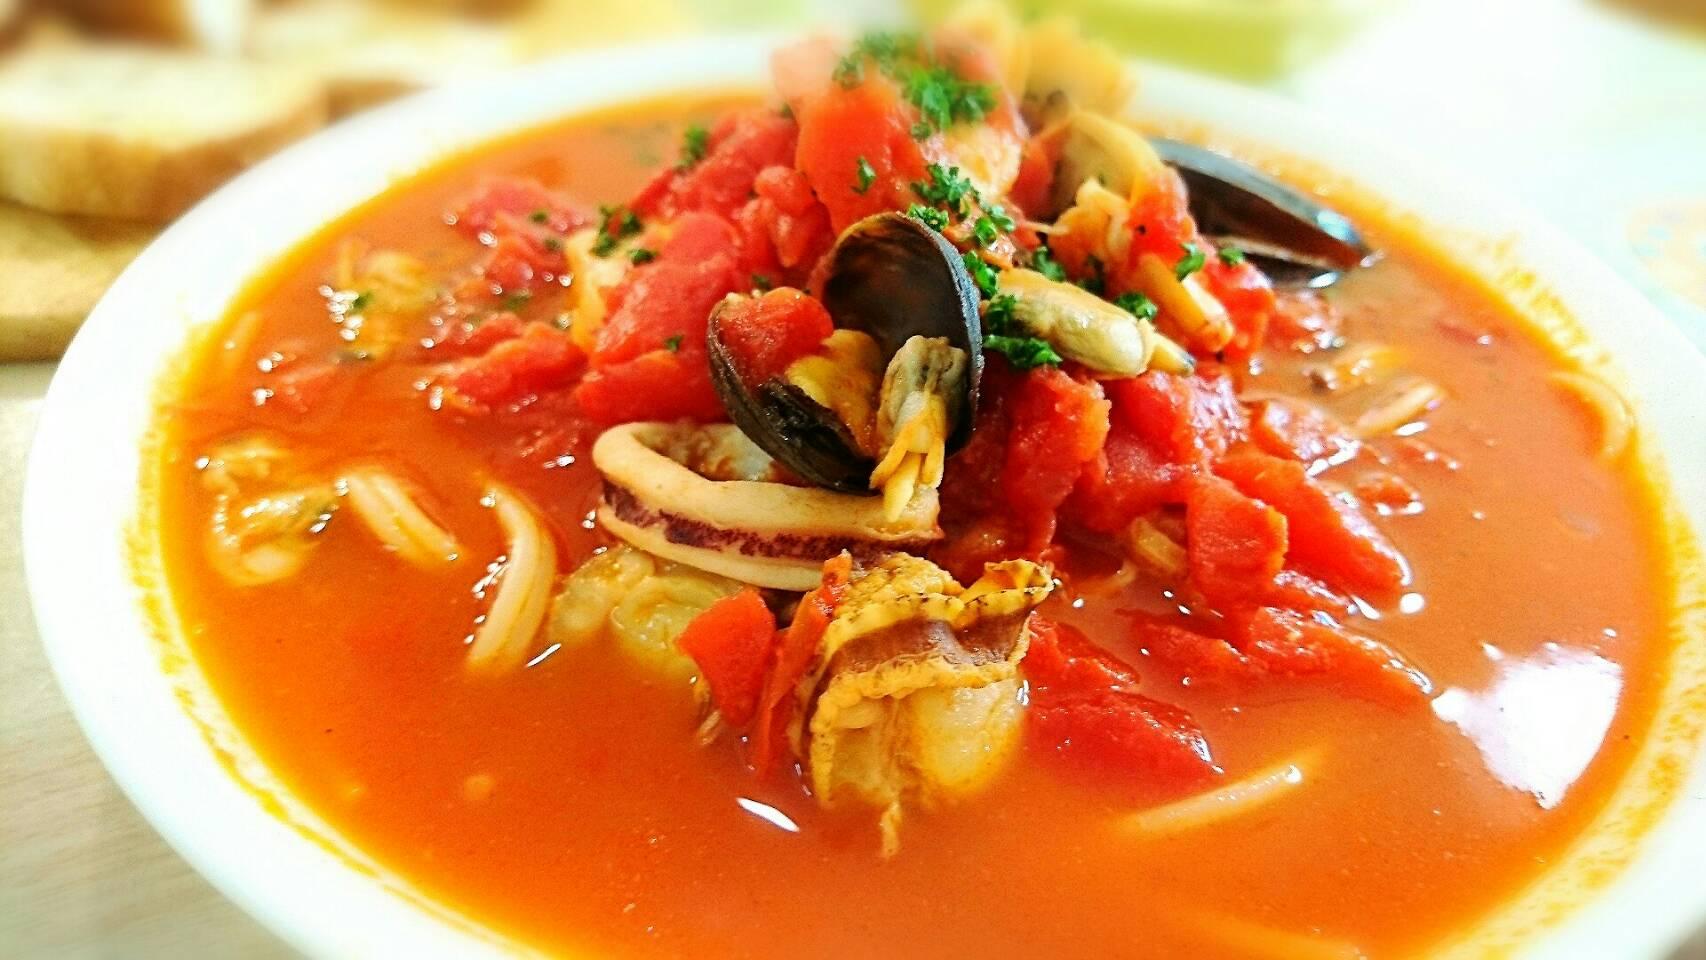 【パスタ】濃厚魚介のトマトスープスパゲティー